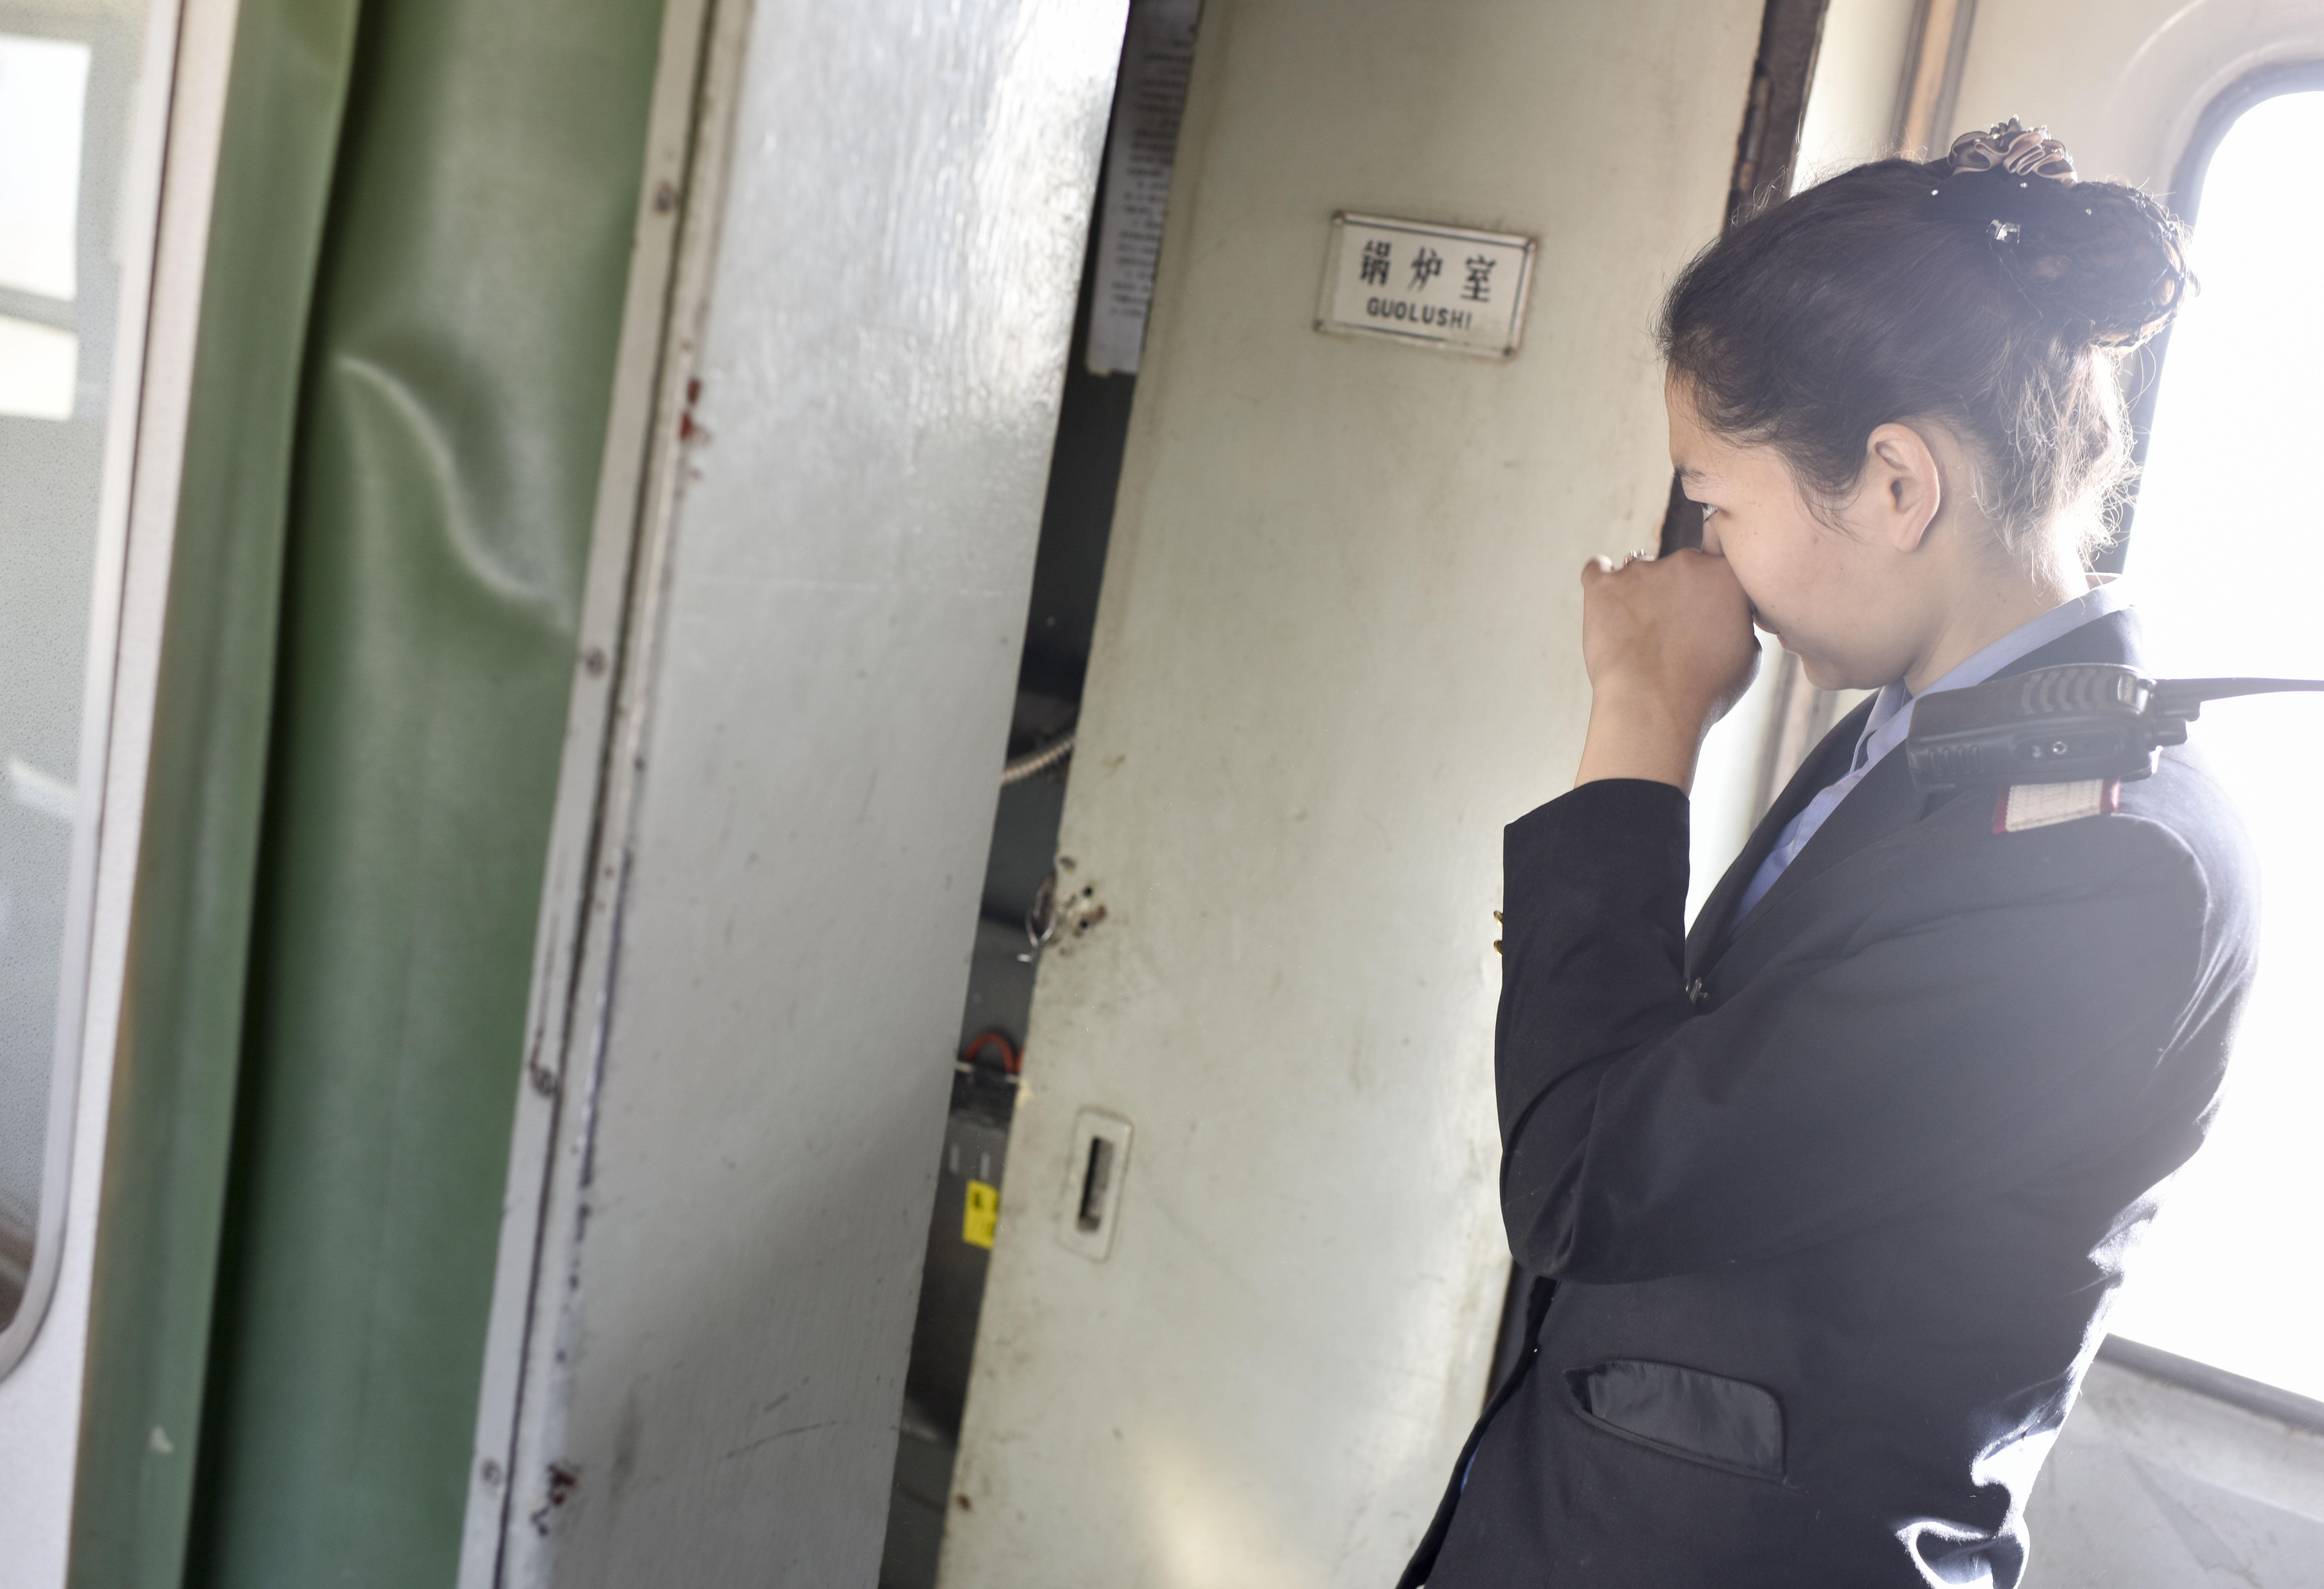 在5809次列车上,列车员苏比努尔·塔叶尓正在给车厢加煤(11月24日摄)。由于绿皮车还是使用比较老旧的25B型车体,列车供暖只能通过烧煤来实现。这对列车员提出了更高的要求。